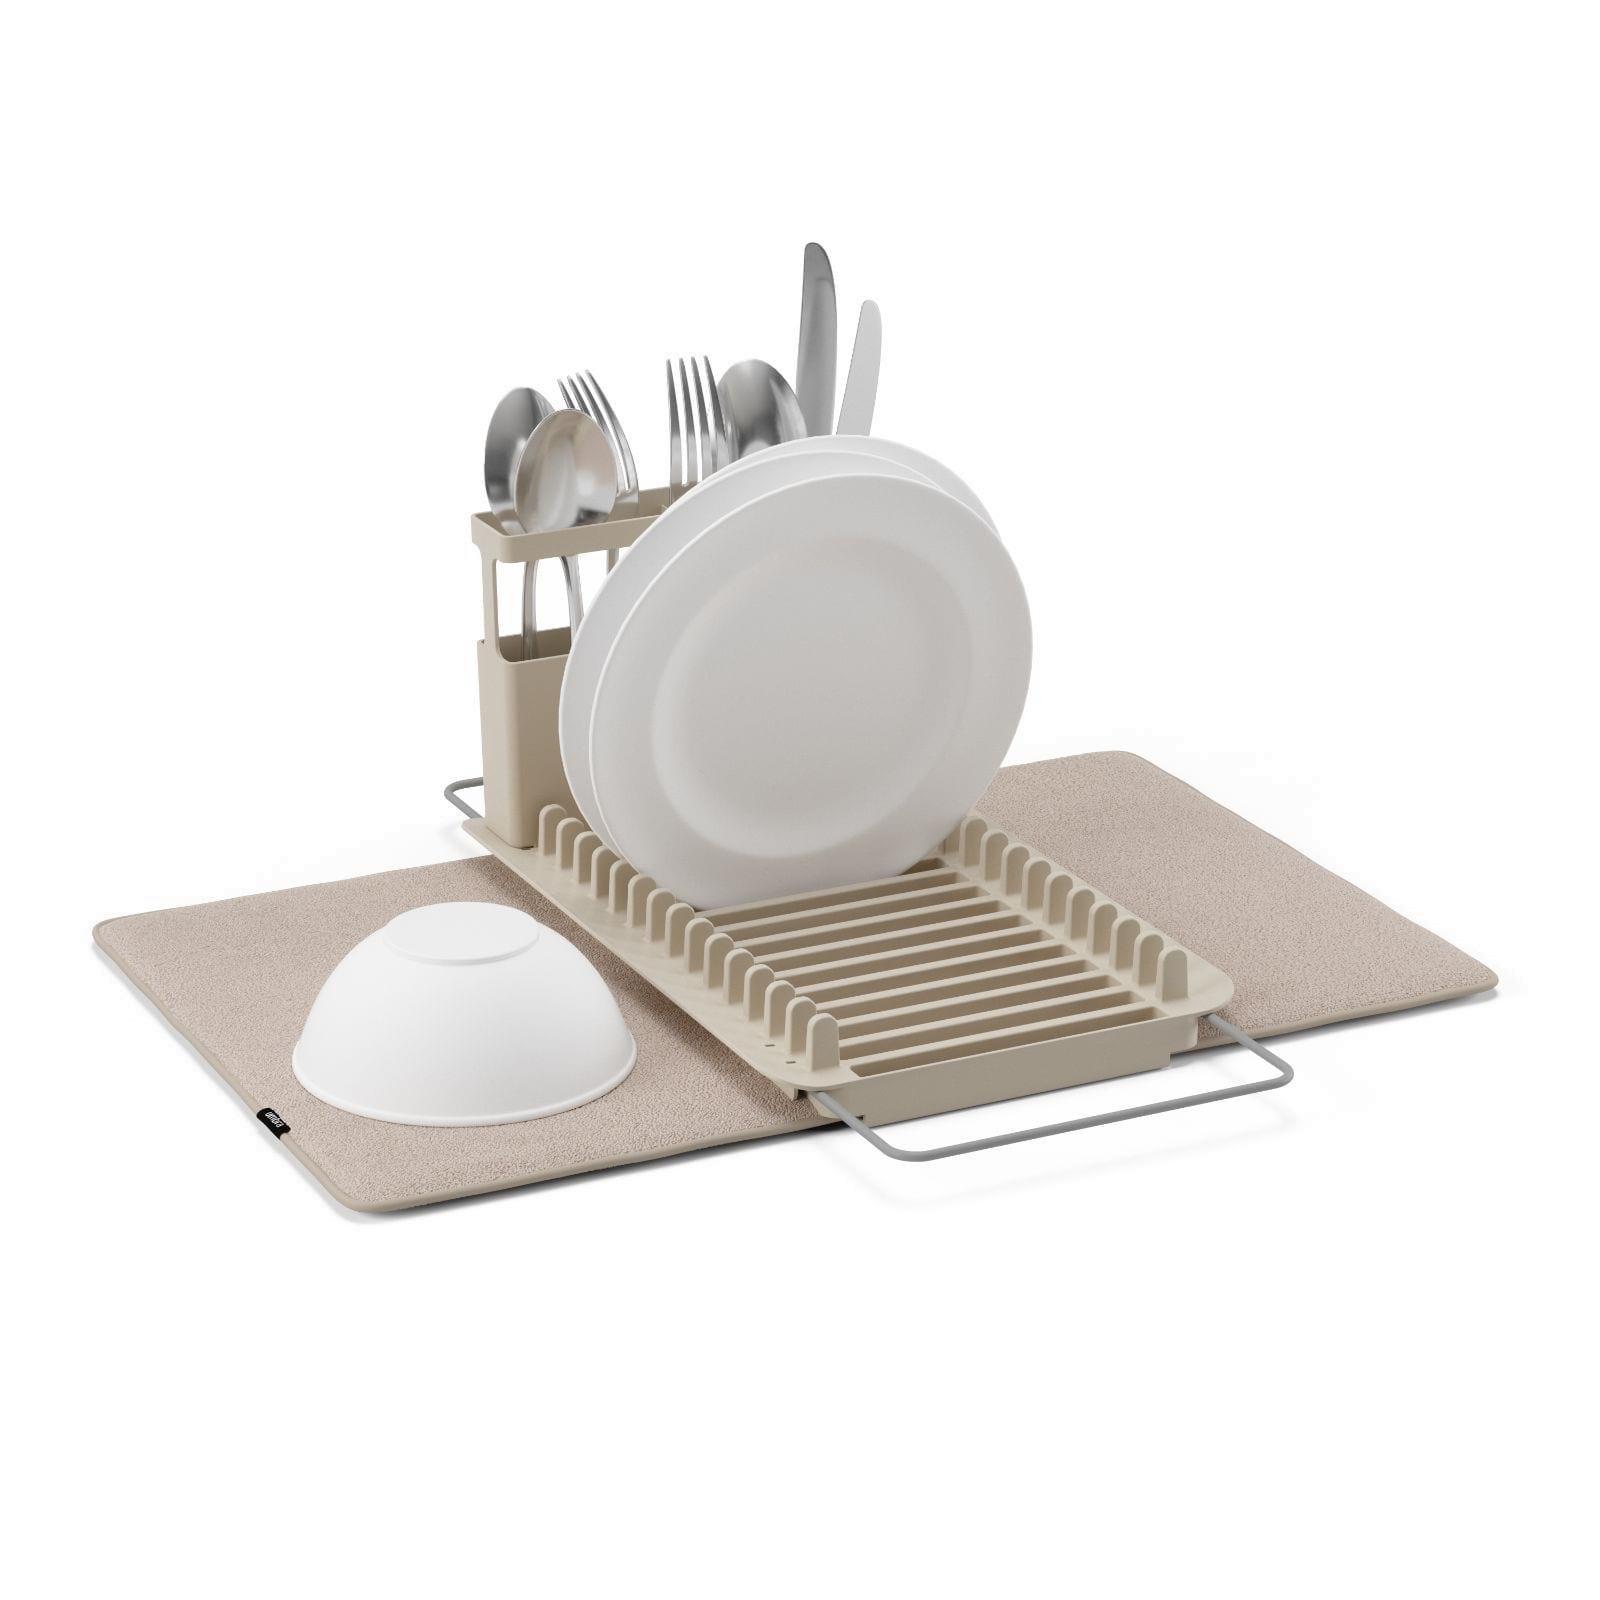 Αναδιπλούμενη Πιατοθήκη Udry Over the Sink (Μπεζ) - Umbra